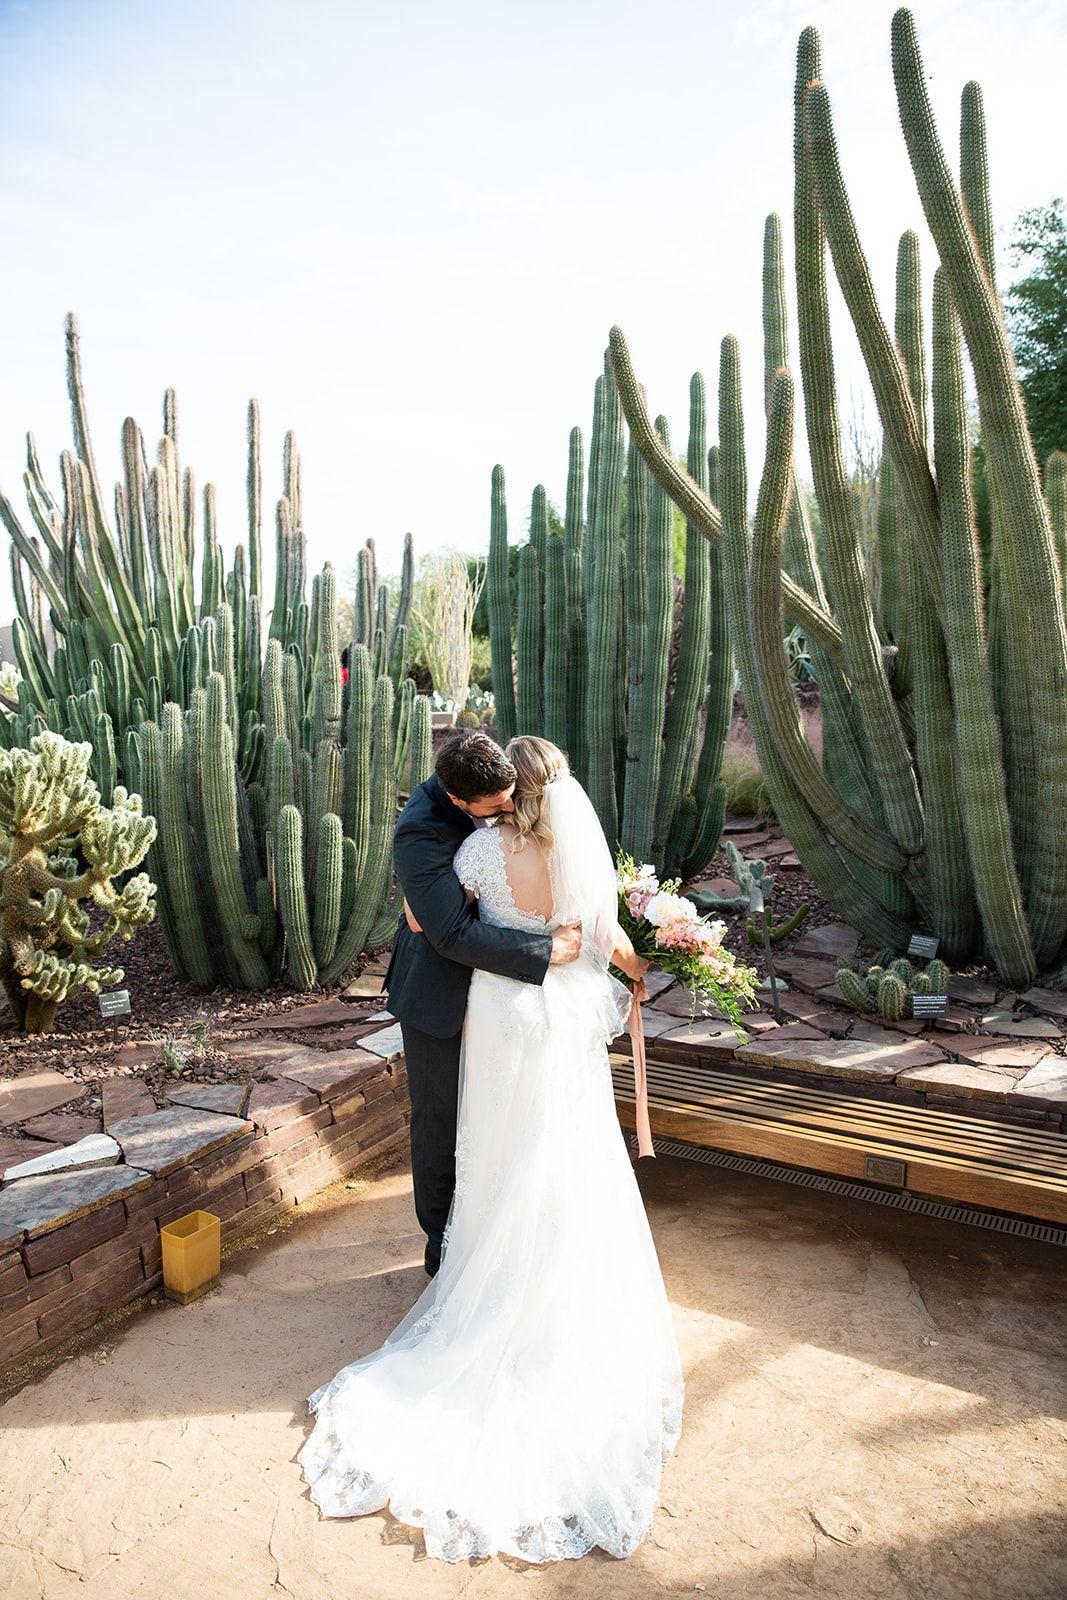 December wedding at the Desert Botanical Gardens in